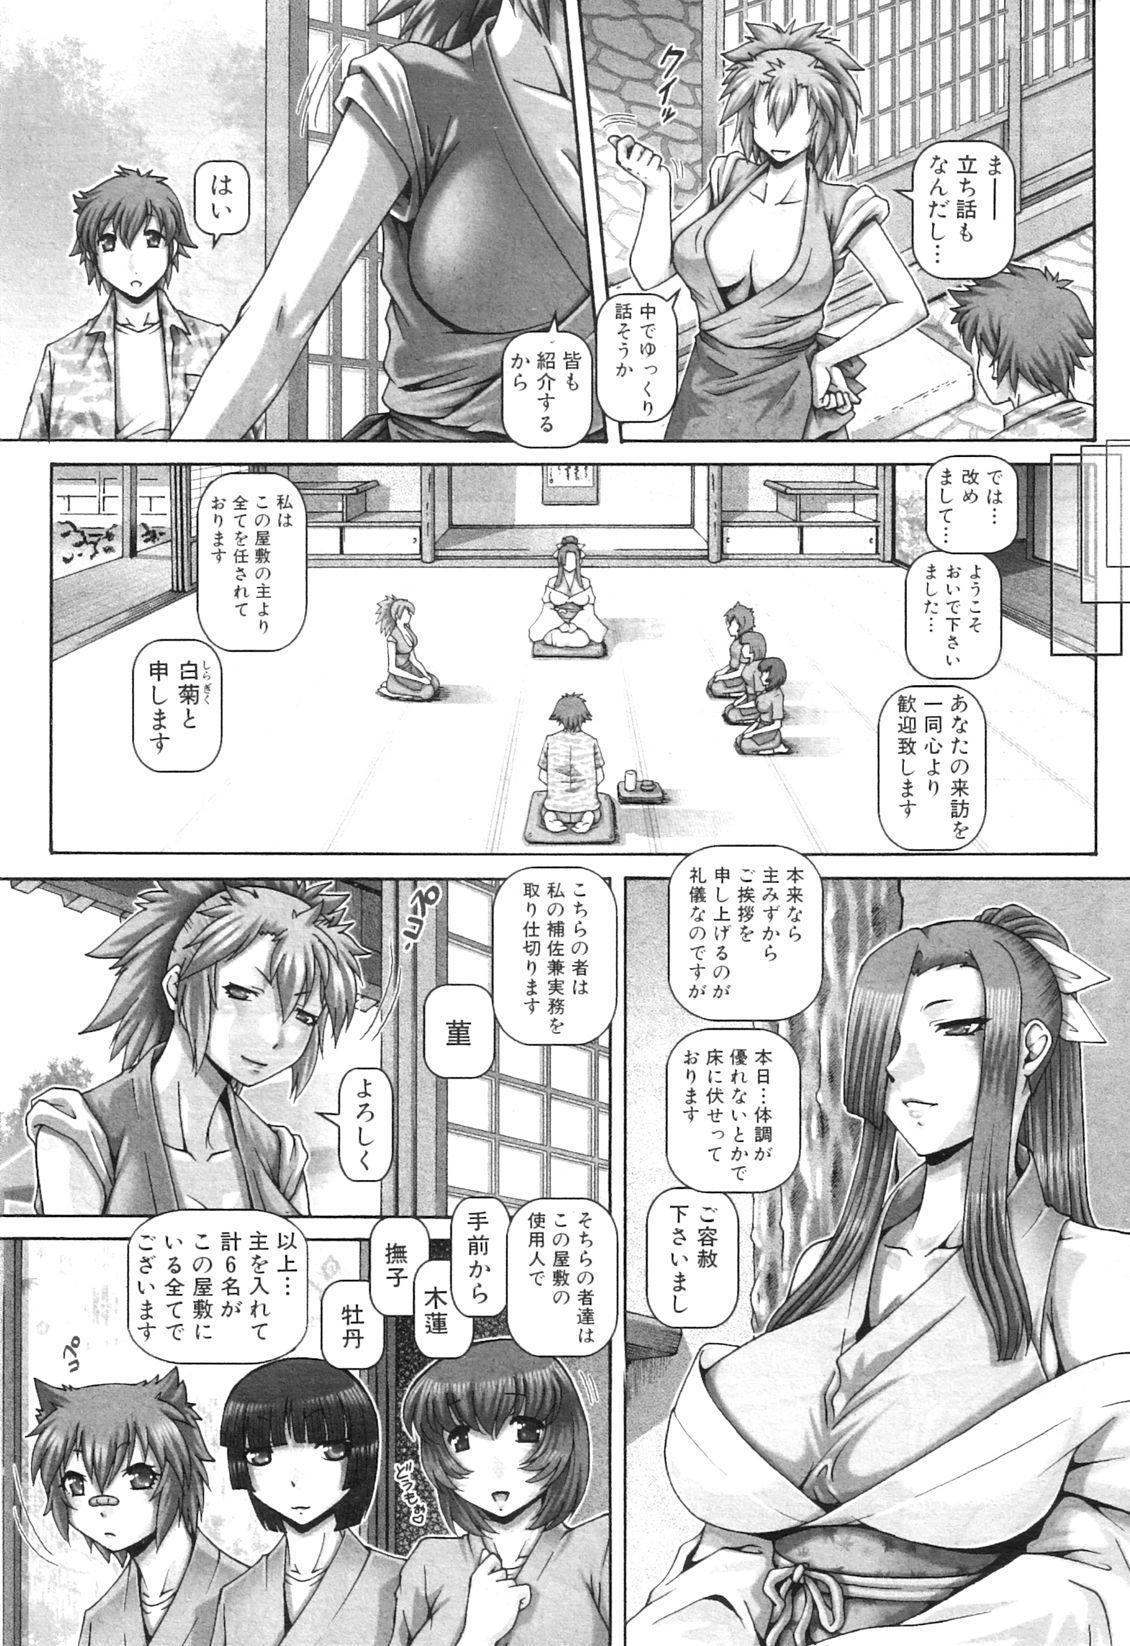 Ayakashiyakata no Tamahime 9